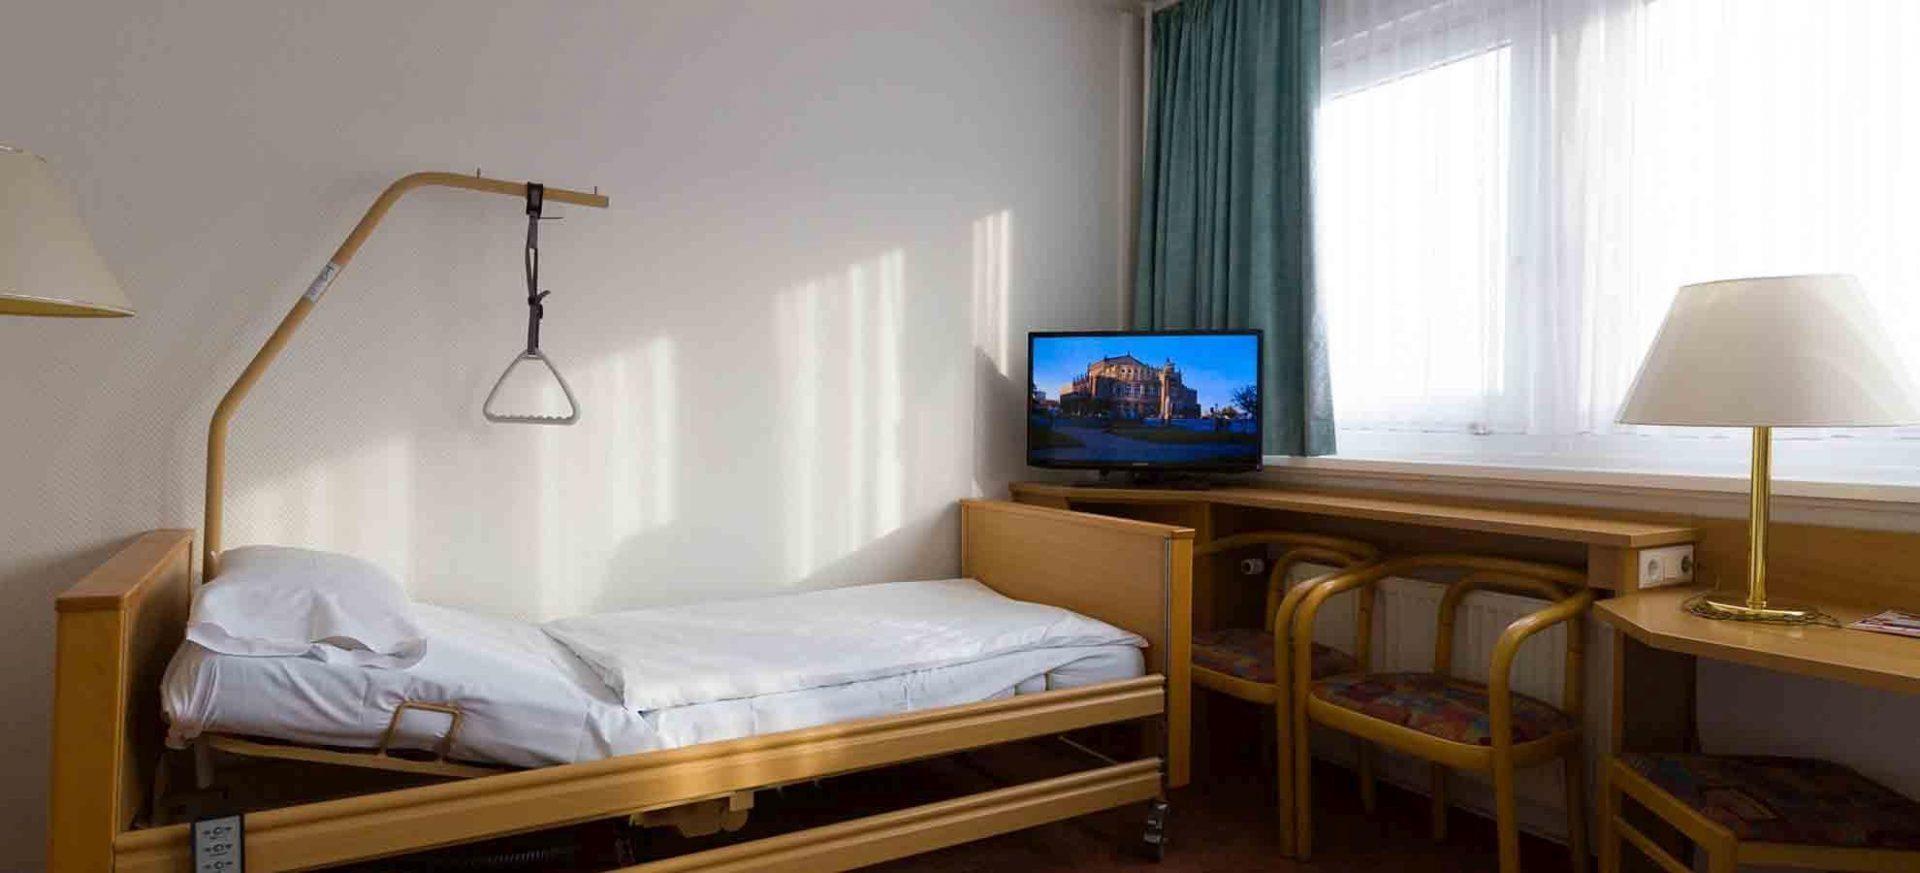 ibis Dresden Zentrum behindertengerechtes Badezimmer / Room for disabled people